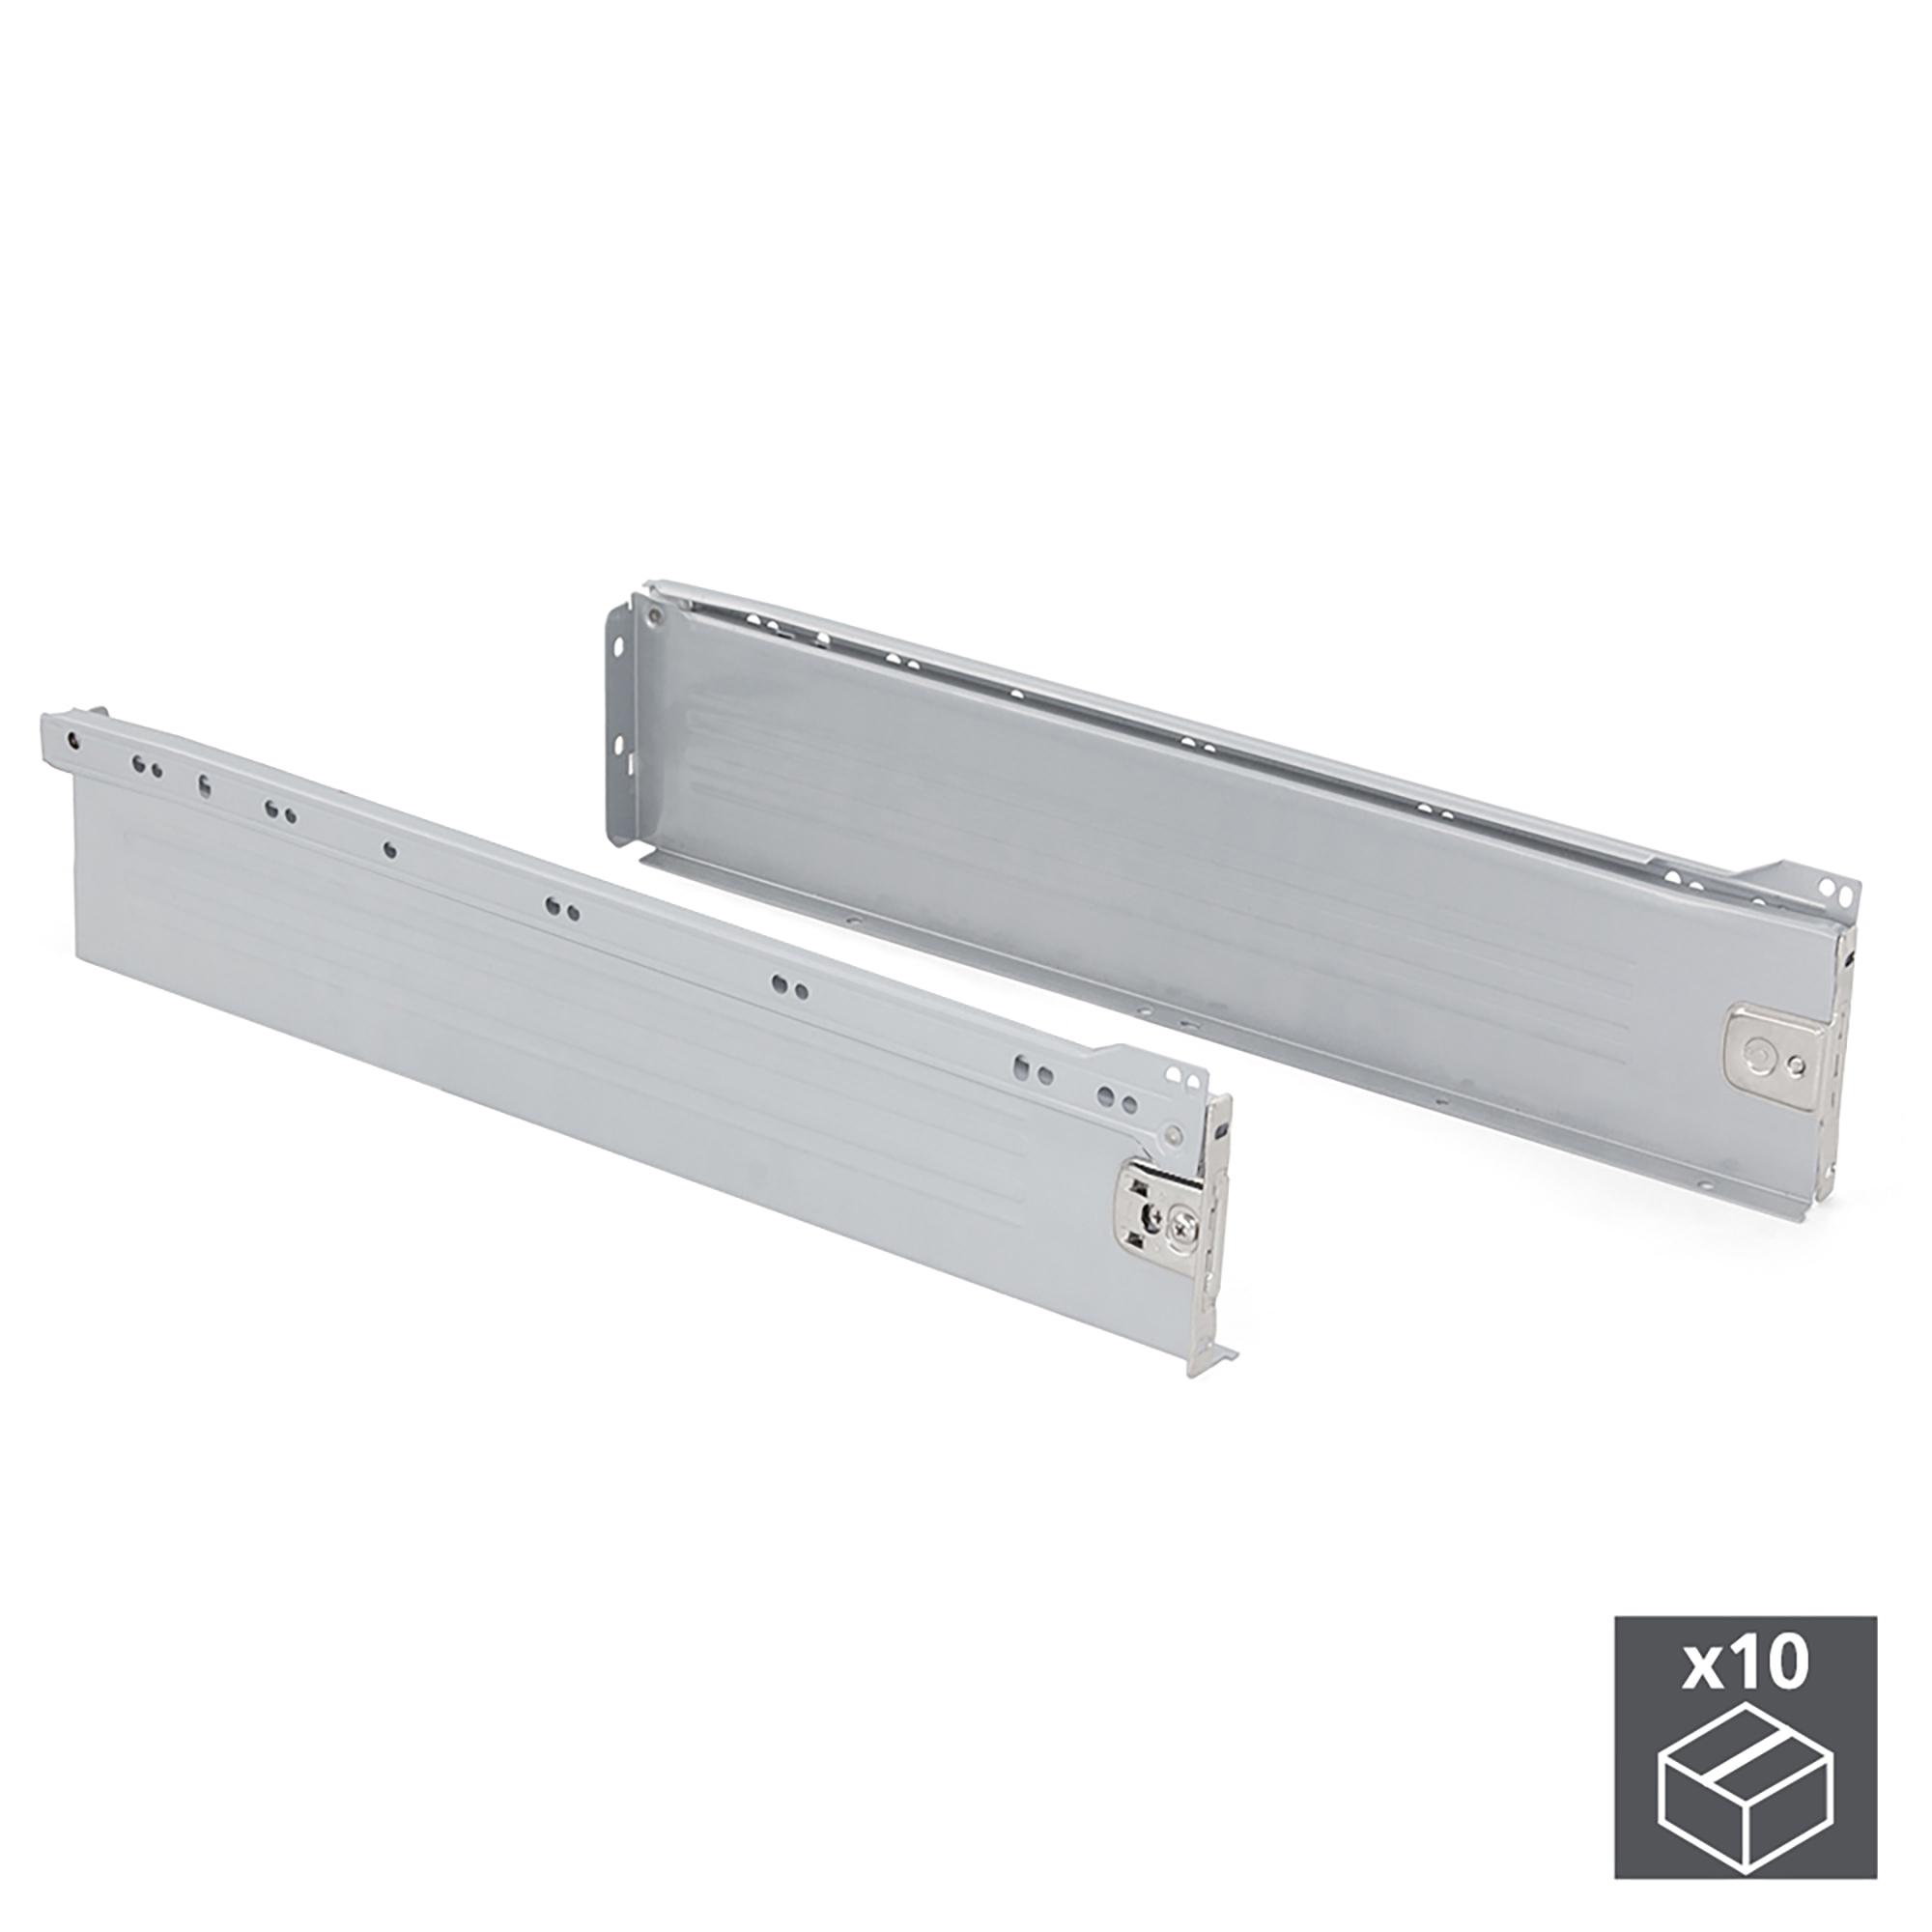 Emuca Kit cassetto per cucina Ultrabox, altezza 118 mm, prof. 500 mm, Acciaio, Grigio metallizzato, 10 u.